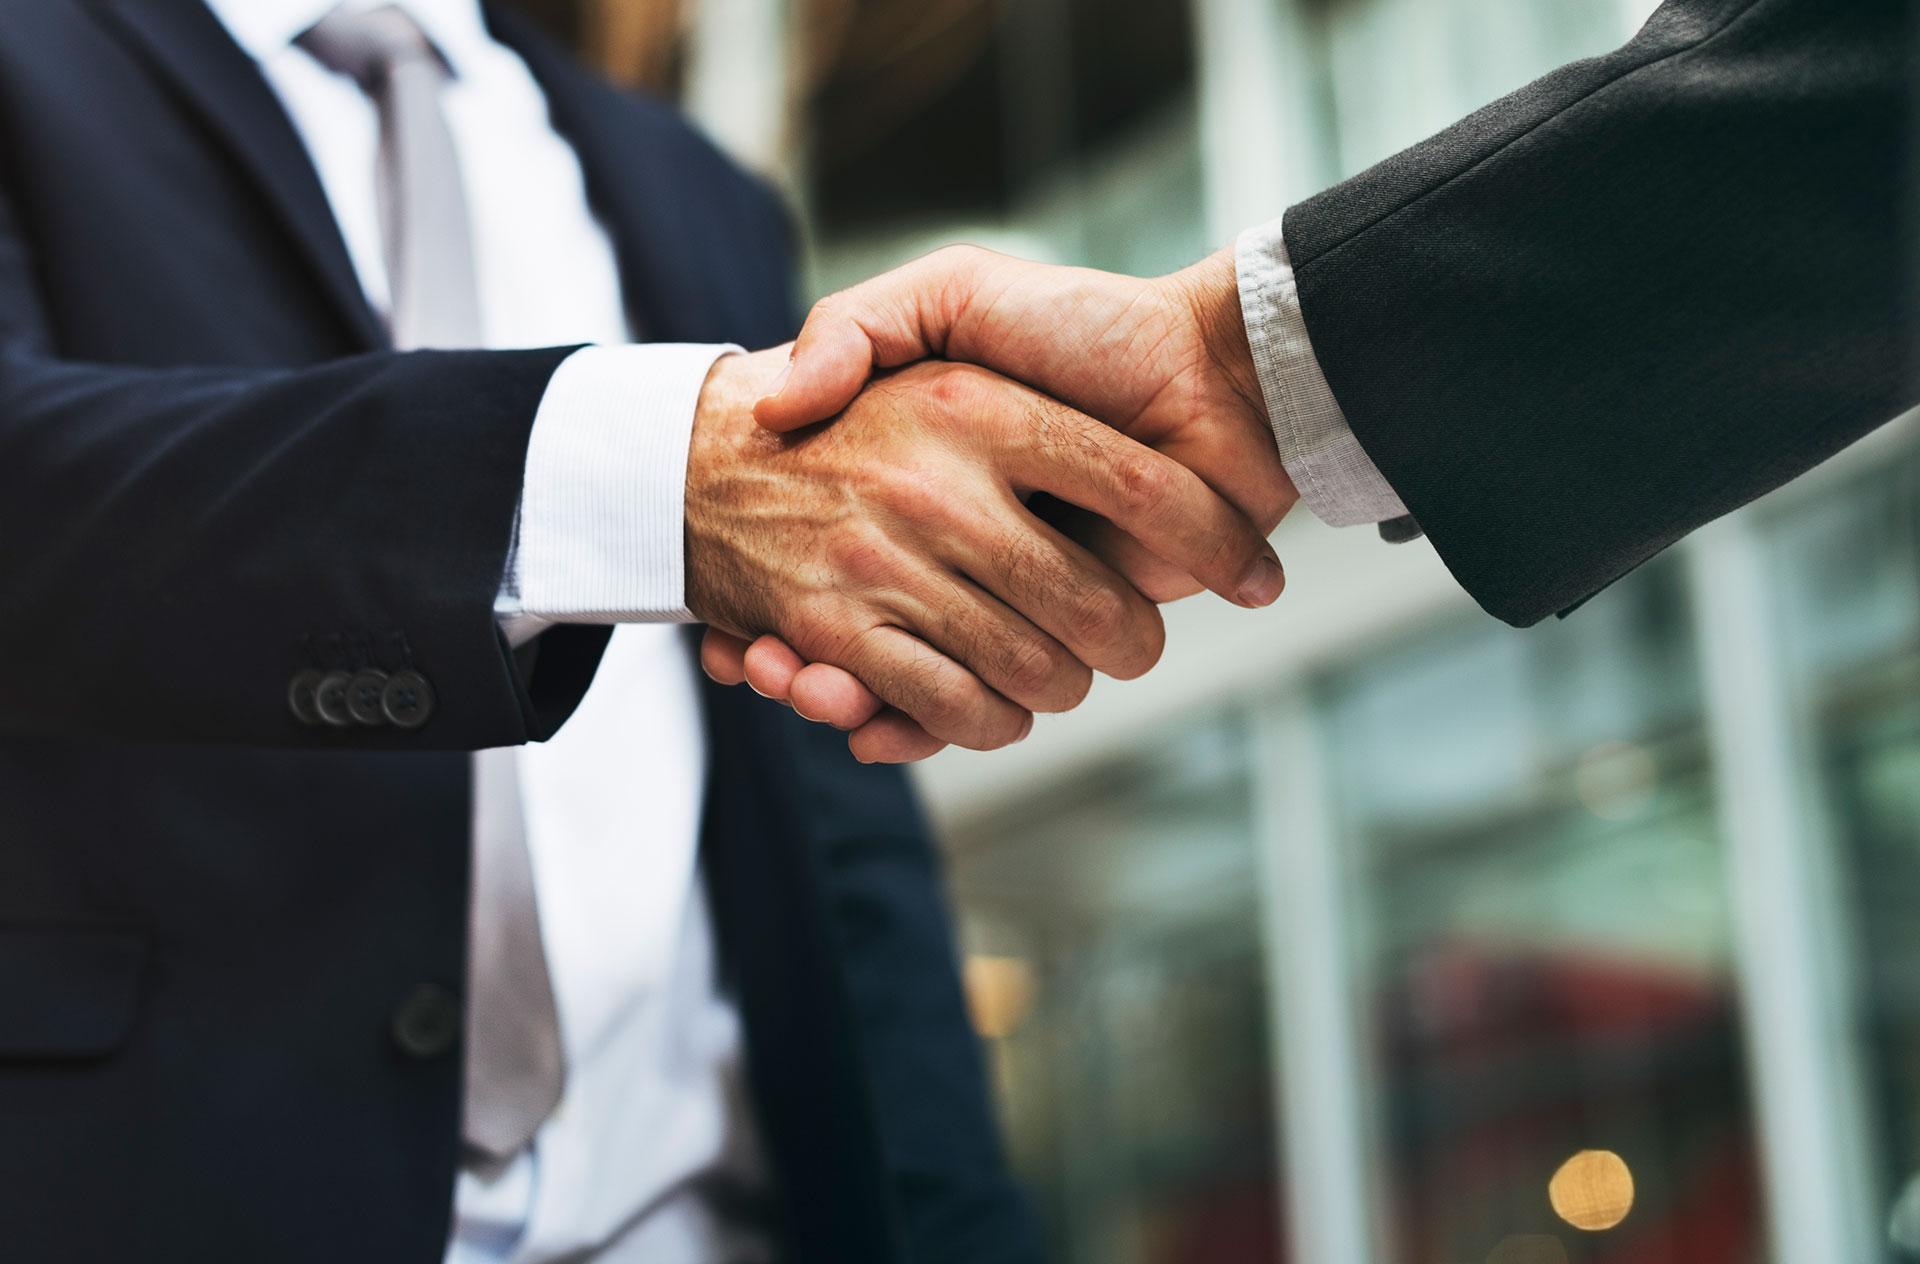 Отзывы клиентов интернешнл бизнес о бизнес иммиграции